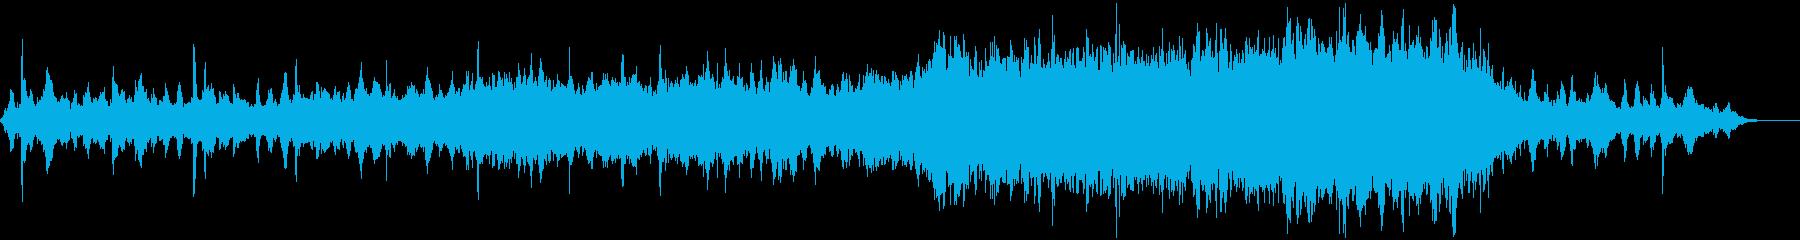 スペースファンタジー向けBGMの再生済みの波形